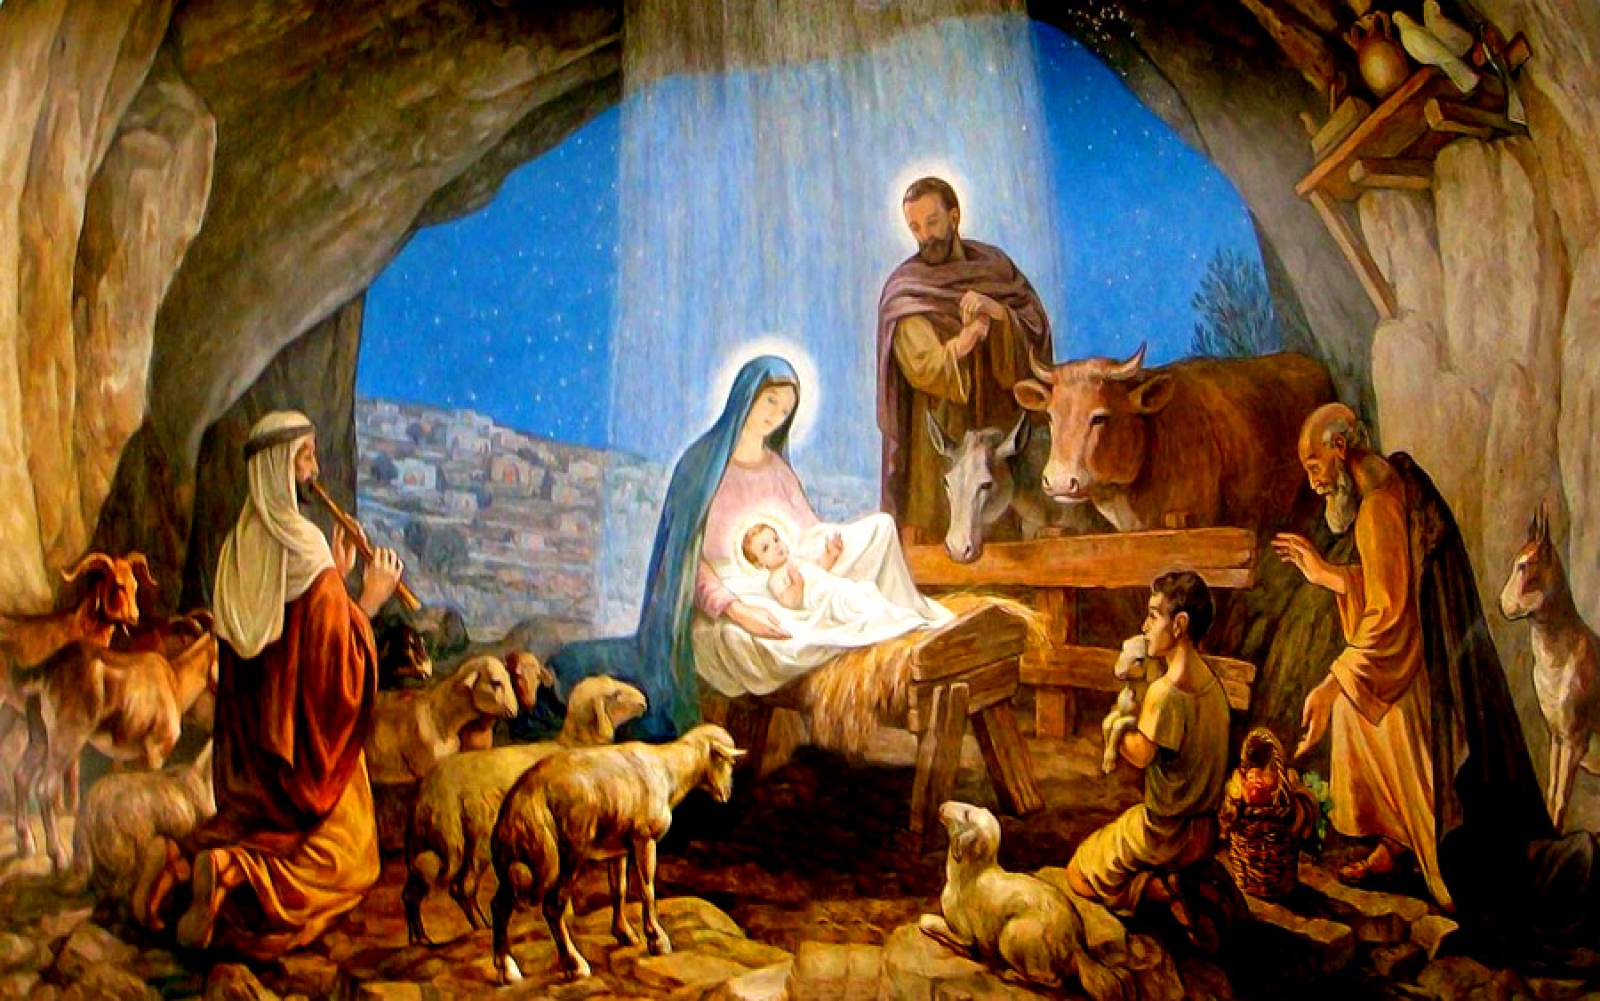 Рождество картинки православные, картинки анимация прощай